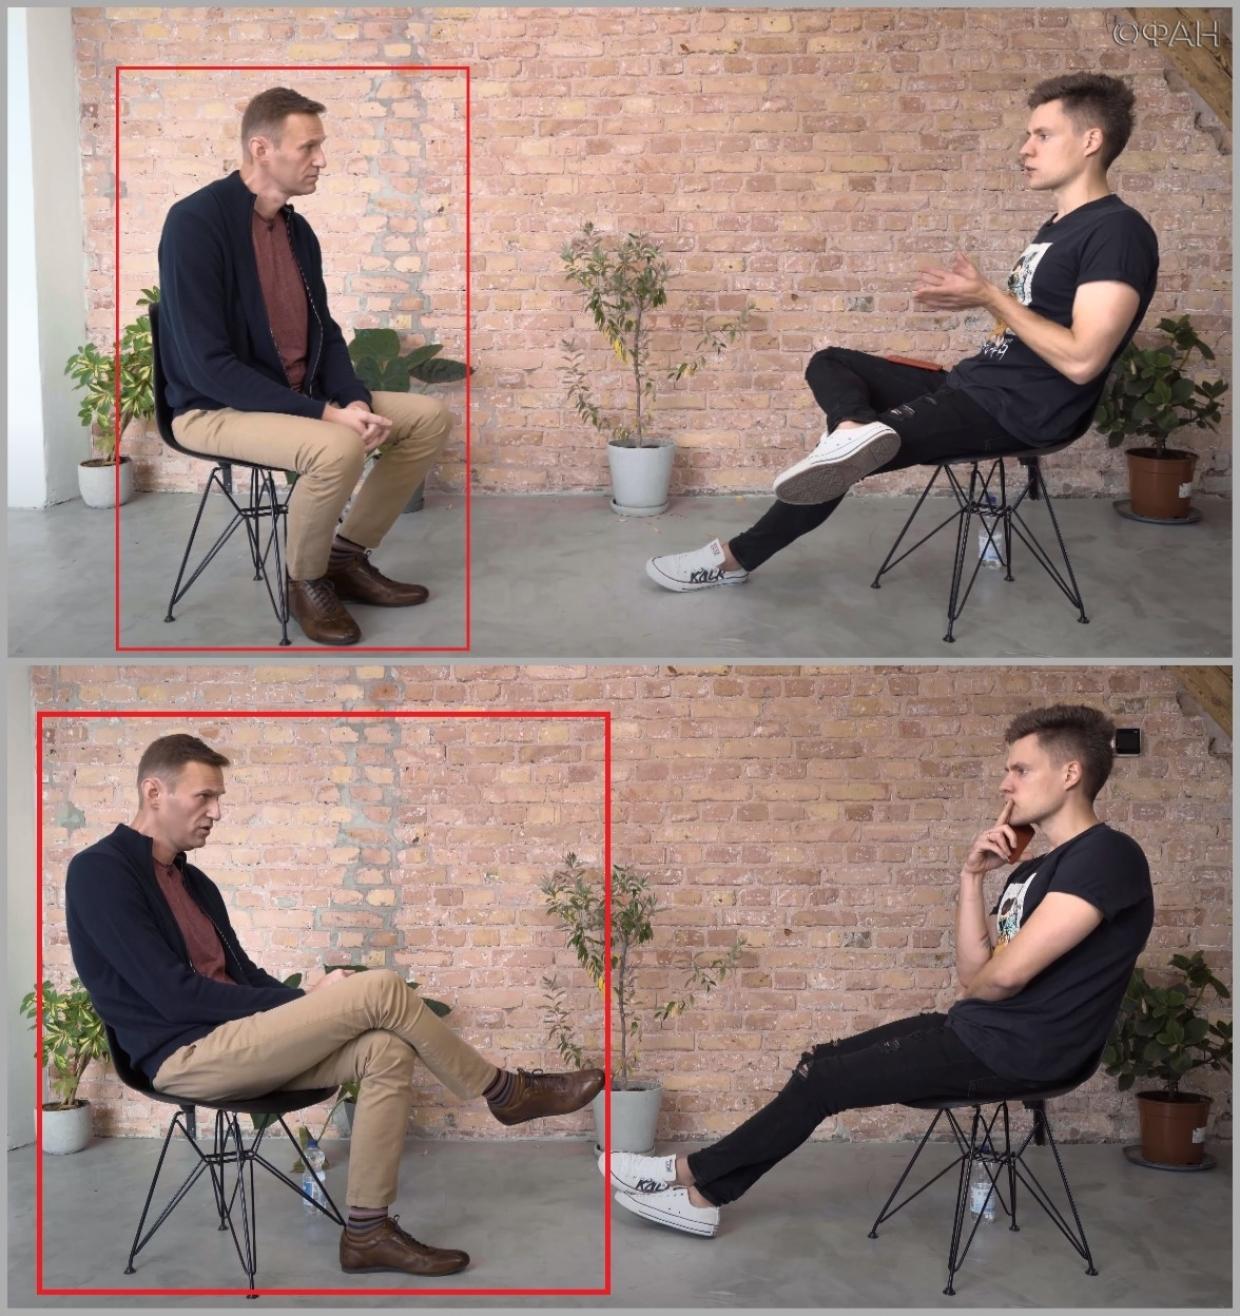 20201008_17-16-Специалист по поведению указал на признаки лжи Навального в интервью Дудю-pic2